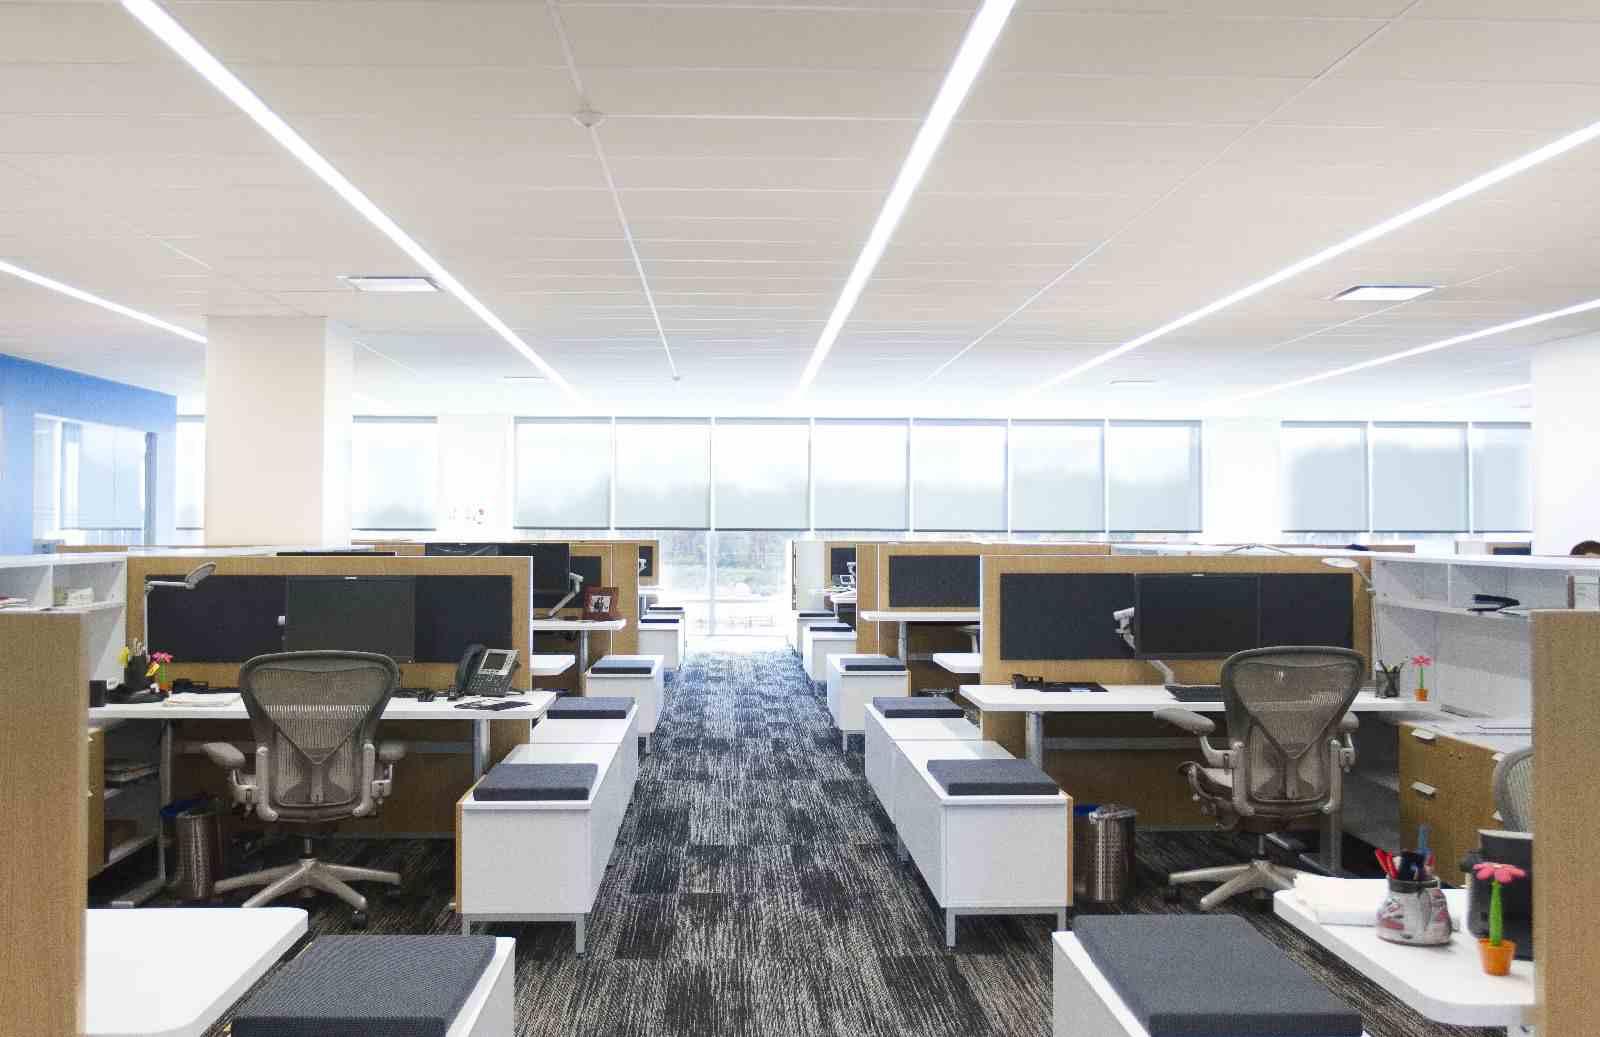 mobili per ufficio direzionali linea x9. Arredo Ufficio Moderno Idee Su Come Scegliere Quello Giusto